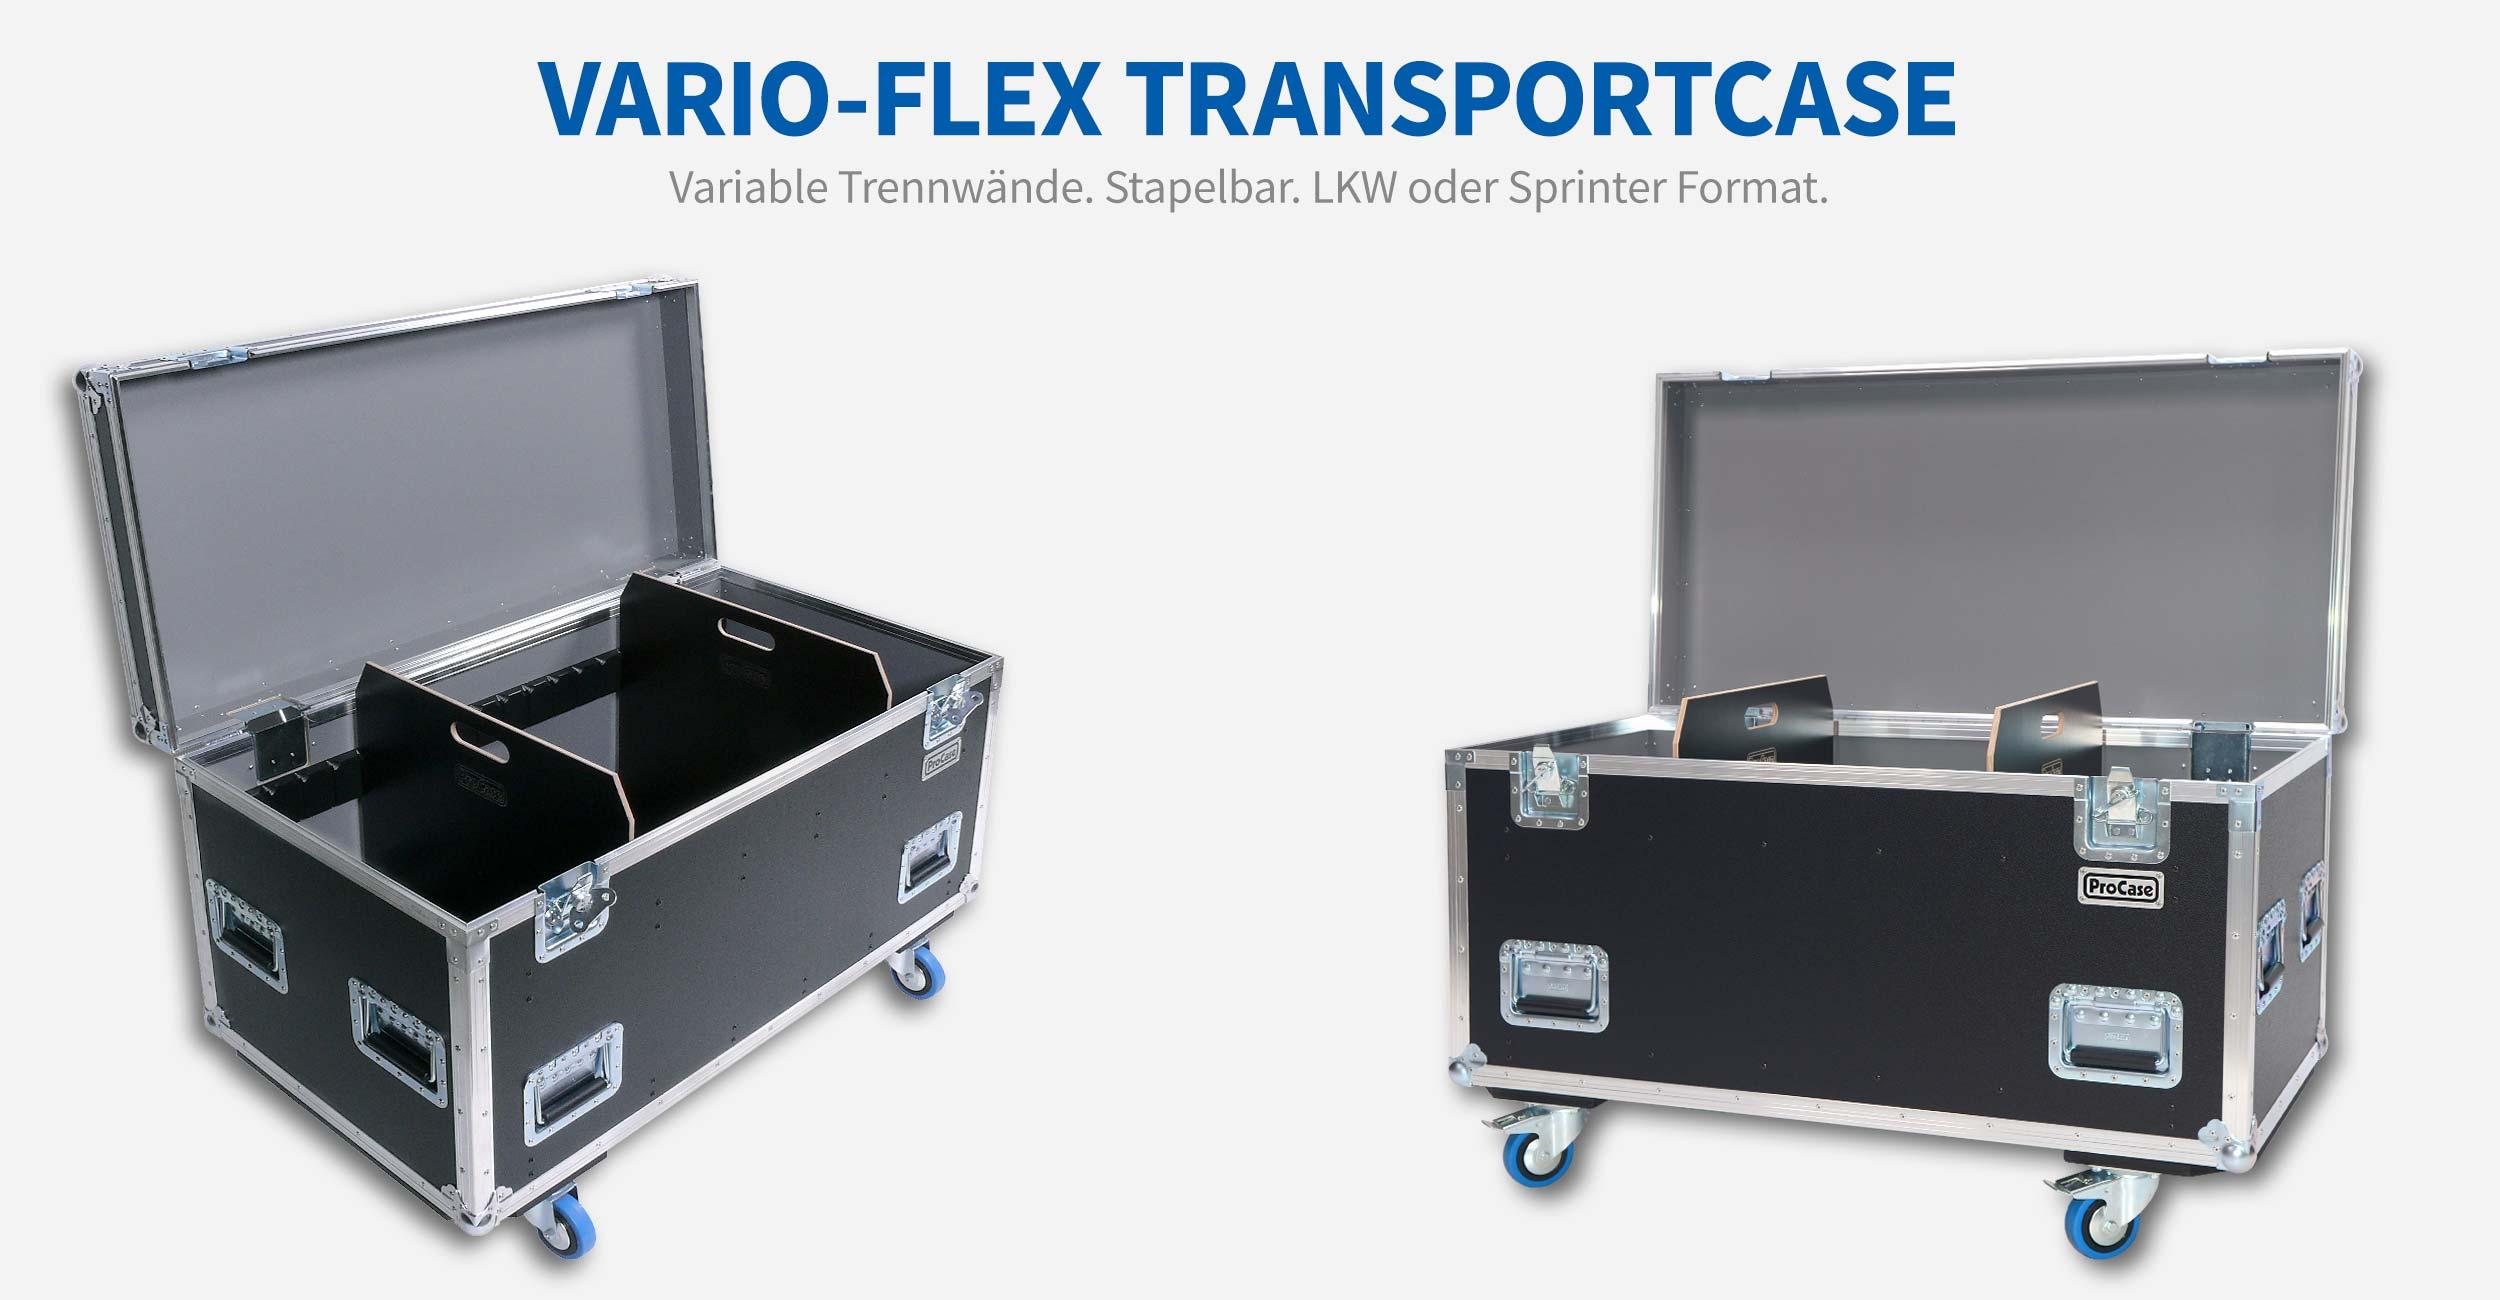 Vario-Flex Transportcase. Variable Trennwände. Stapelbar. Im LKW oder Sprinter Format erhältlich